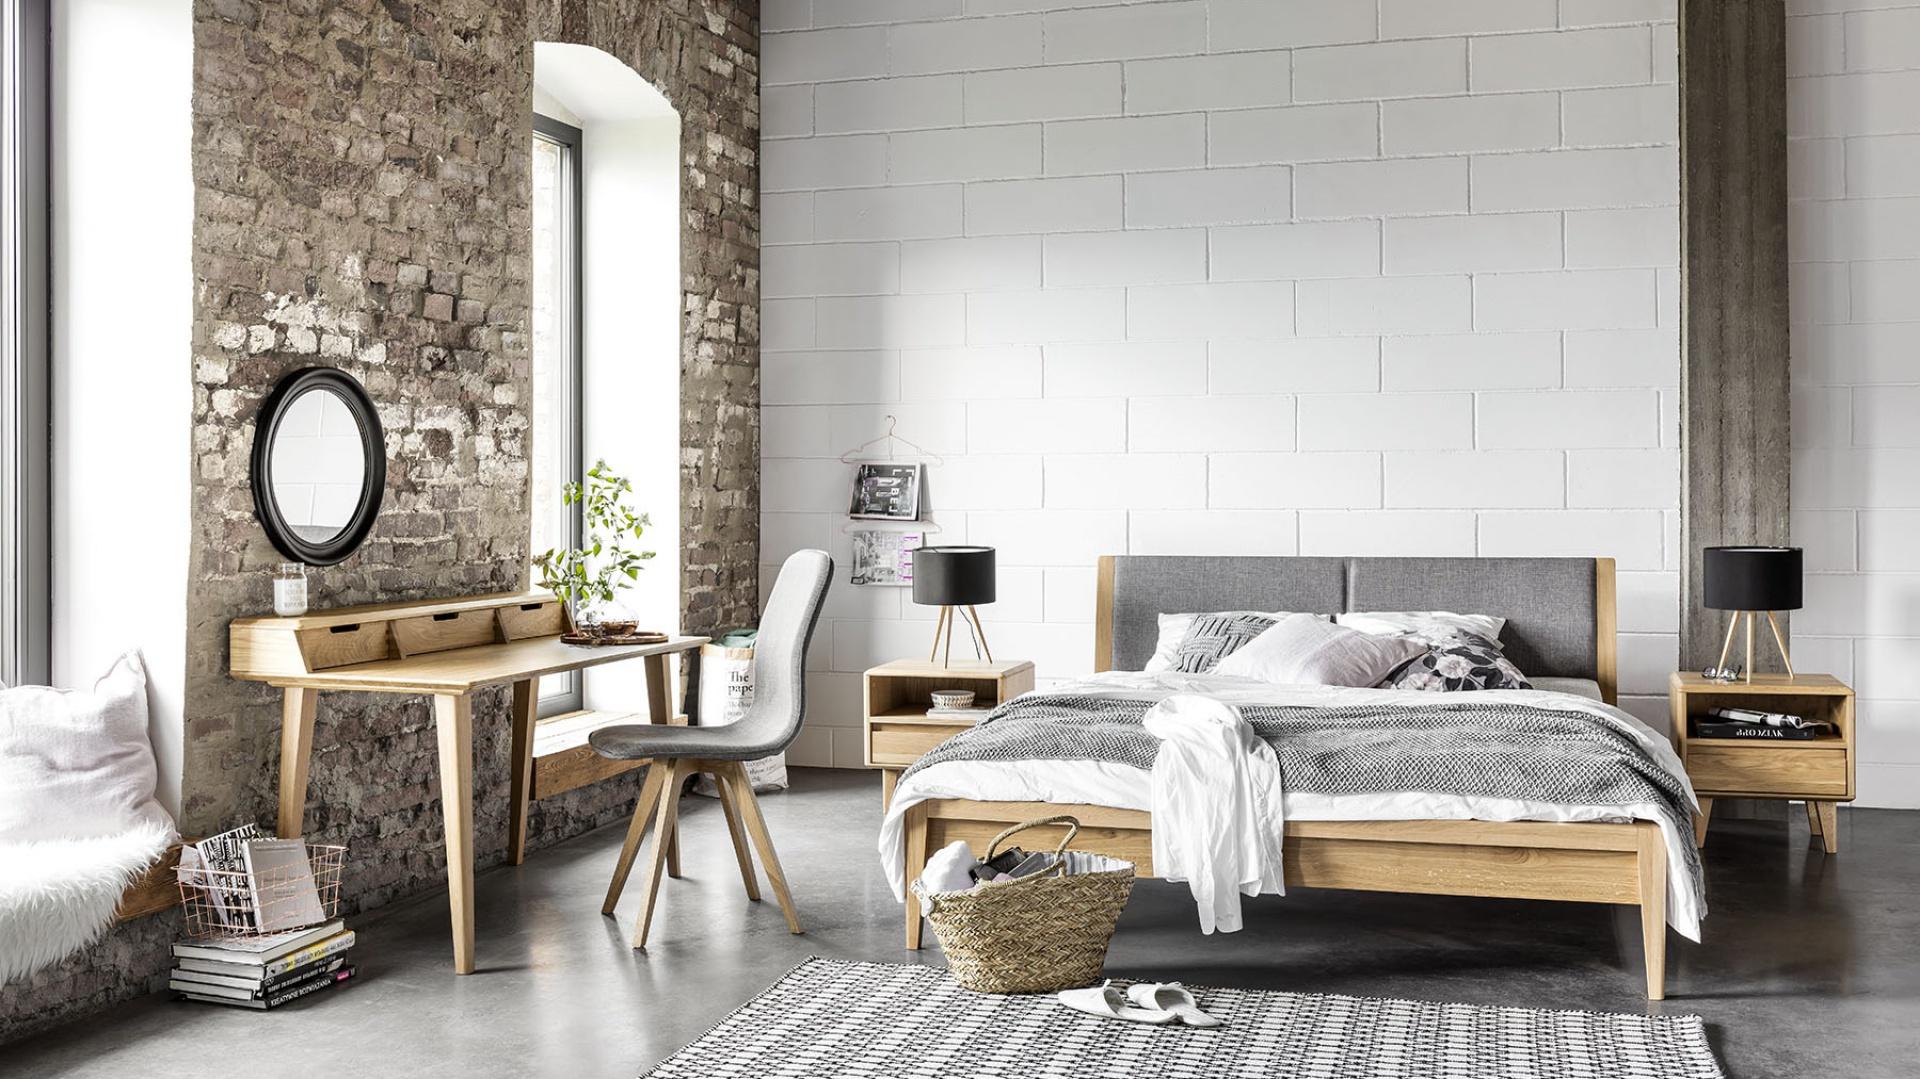 Kolekcja mebli LOVELL z drewna dębowego w stylistyce inspirowaną modą PRL; fronty w 4 modnych kolorach do wyboru. Od. 2.890 zł/łóżko, Meble Matkowski,